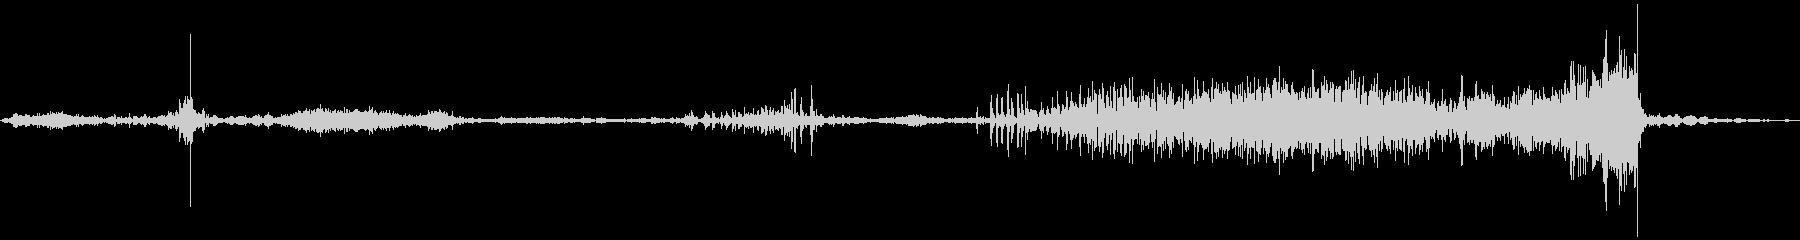 ラップトップコンピューターケース:...の未再生の波形